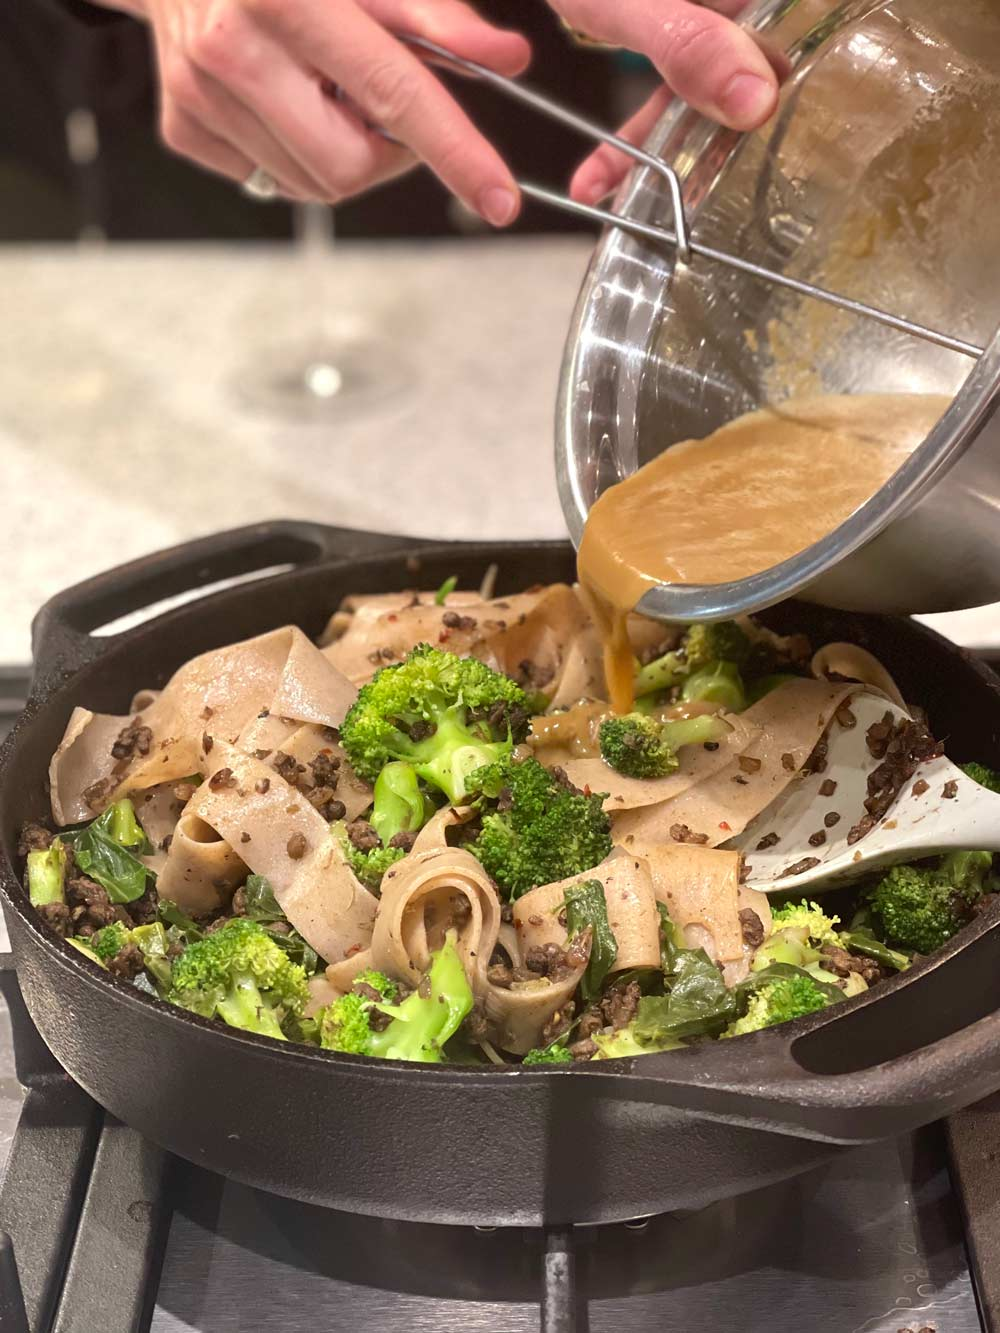 Joey-and-Katy-make-Dan-dan-noodles